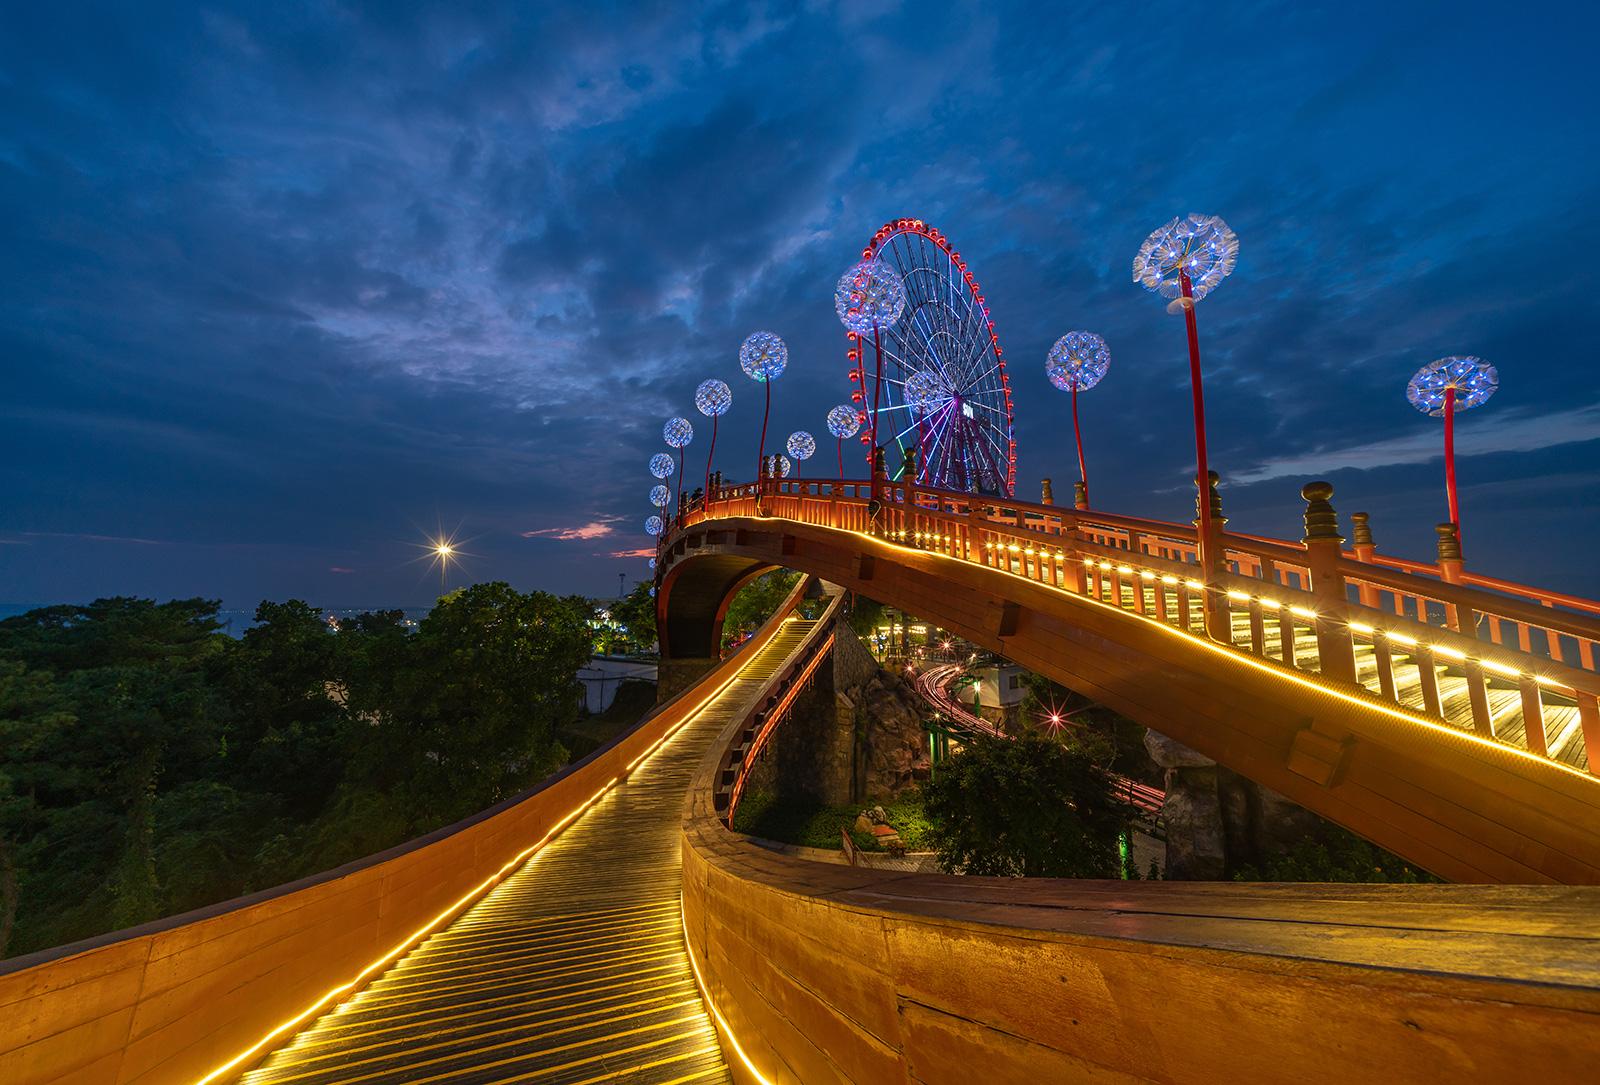 """3 ngày 2 đêm ở Quảng Ninh: Đi để biết """"xứ sở vàng đen"""" vẫn còn quá nhiều kỳ diệu để khám phá cùng nhau! - Ảnh 30."""